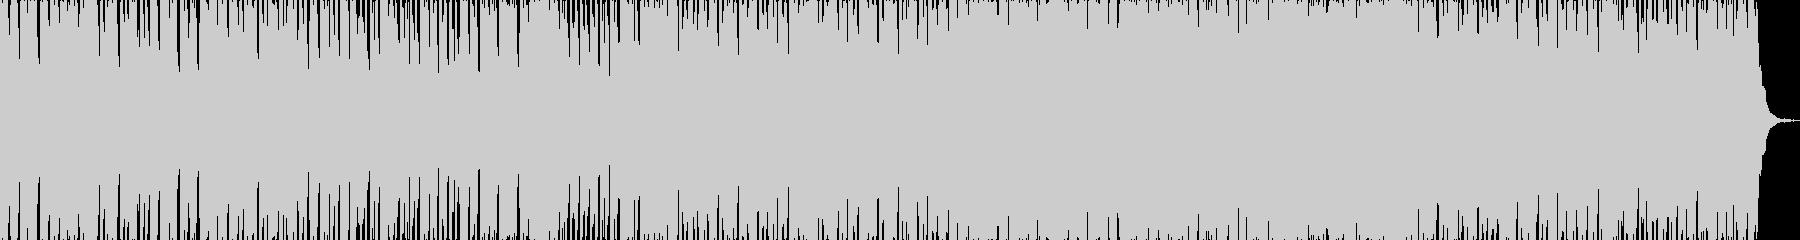 「トルコ行進曲」テクノポップリミックスの未再生の波形